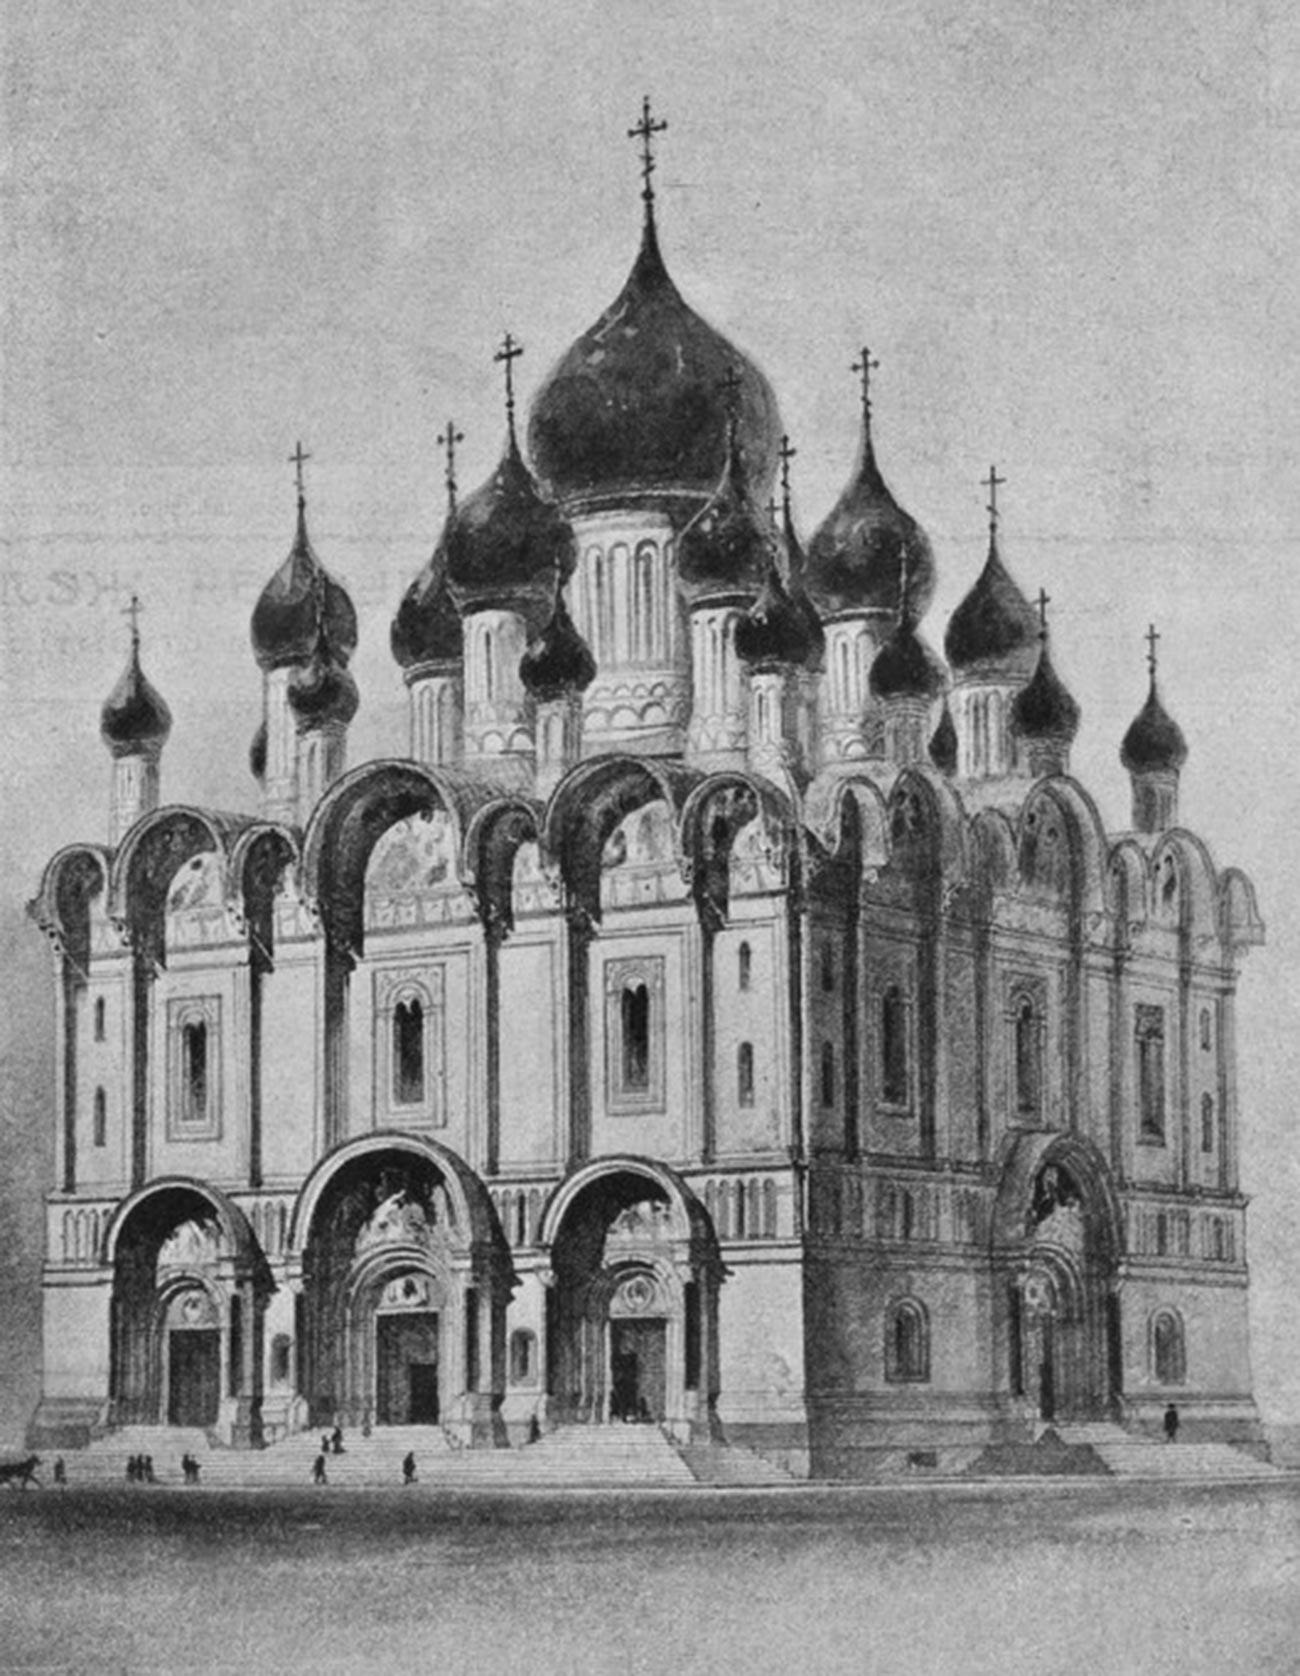 Изглед храма. Цртеж по пројекту А. Н. Померанцева (1904).